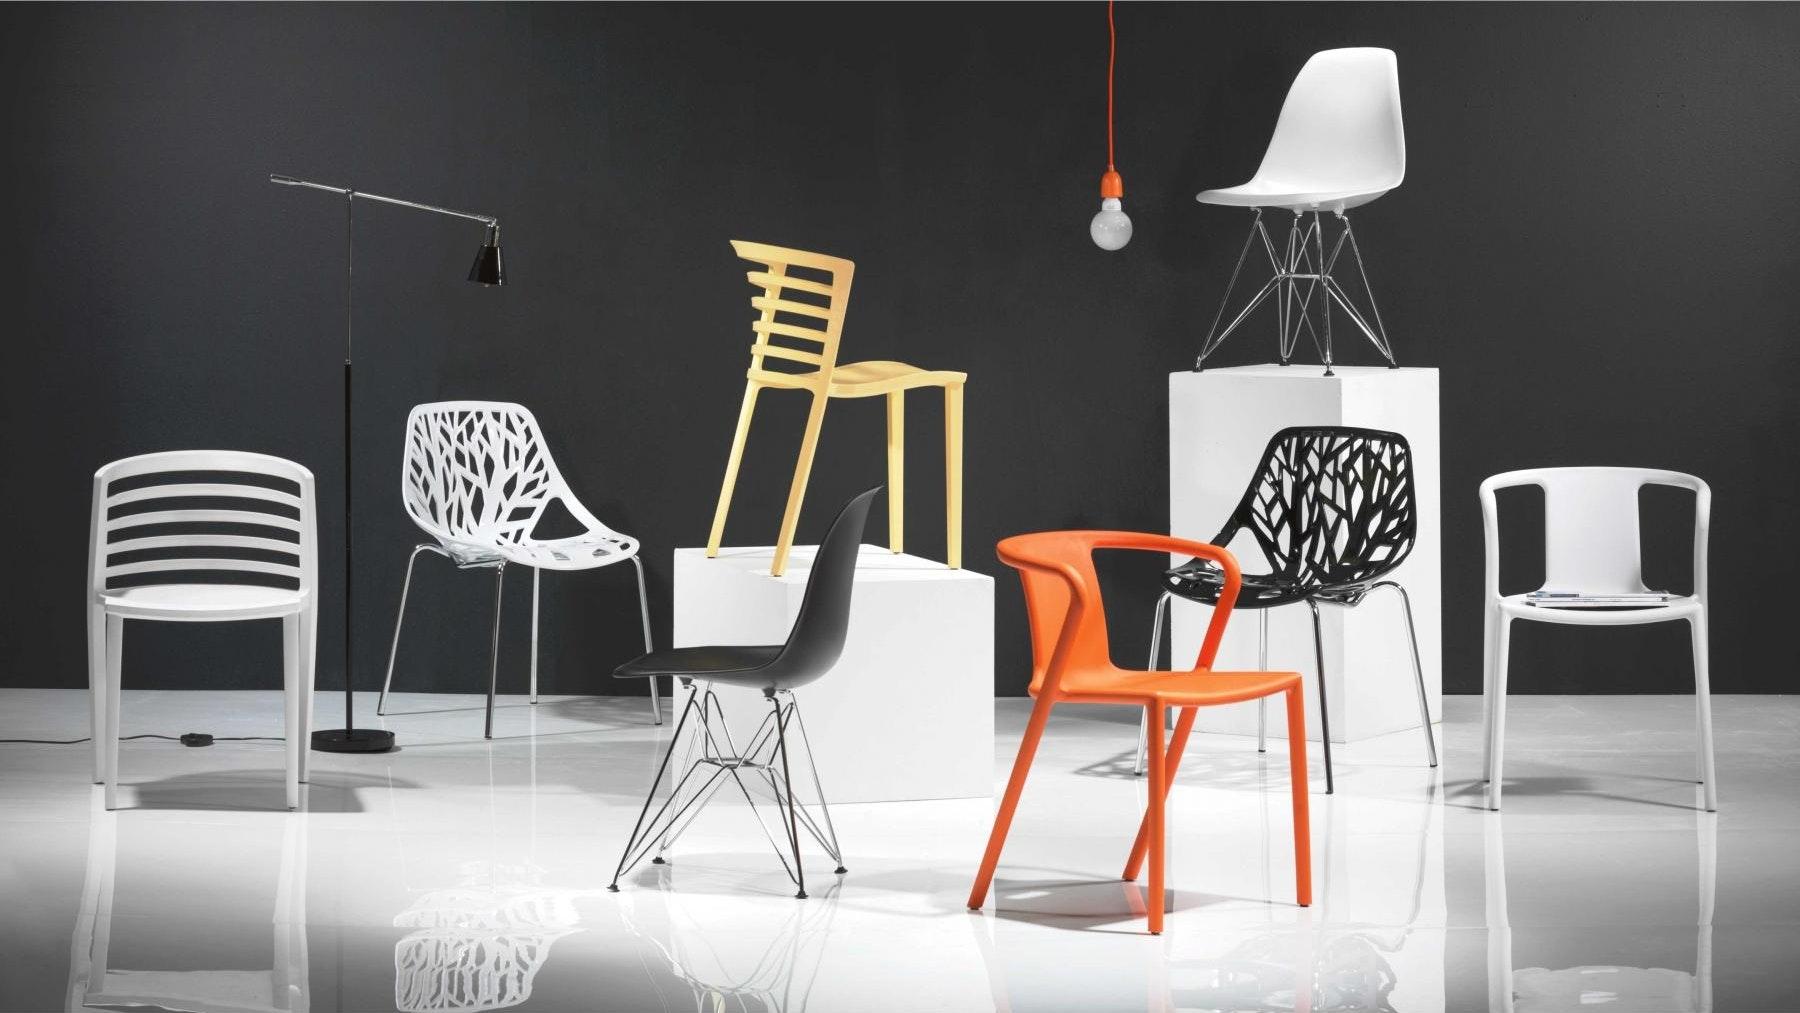 Jasper Indoor/Outdoor Chair